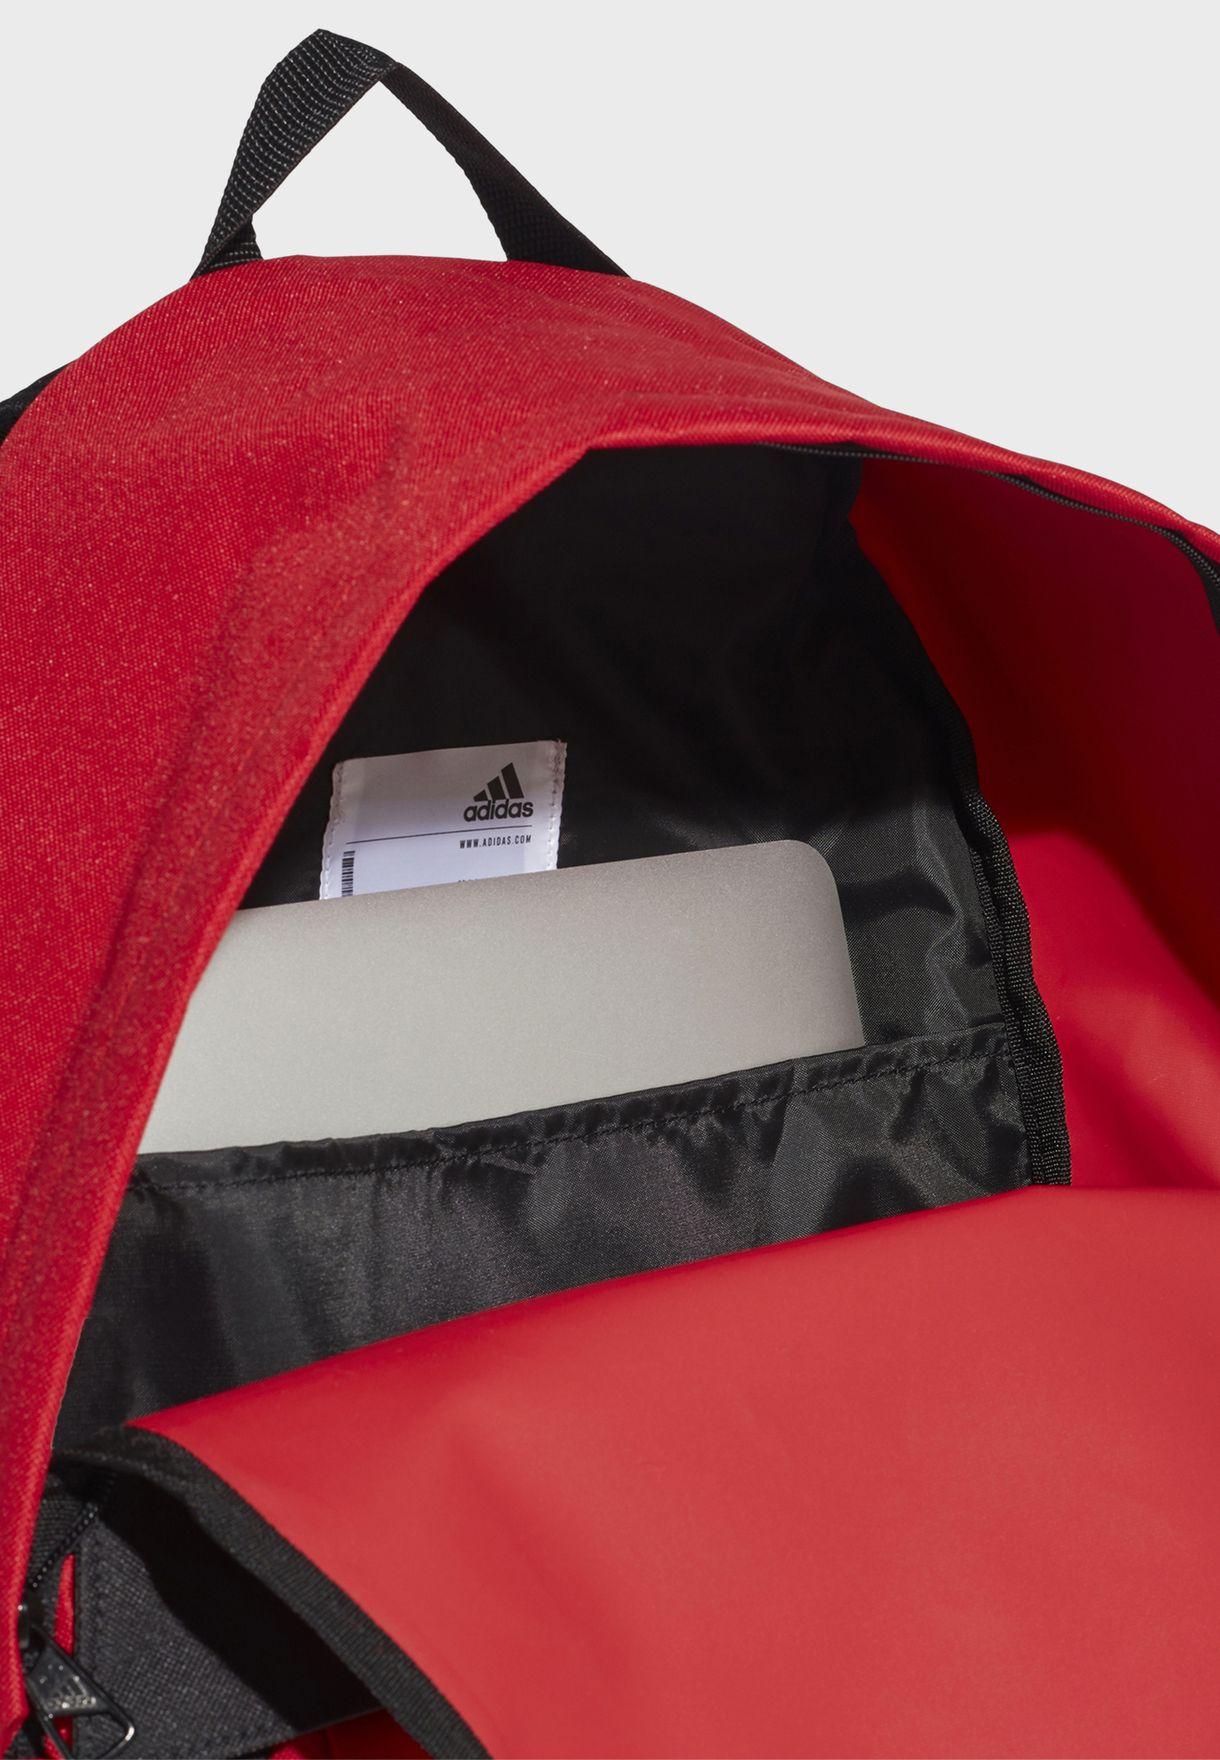 شنطة ظهر مع جيب للحاسوب